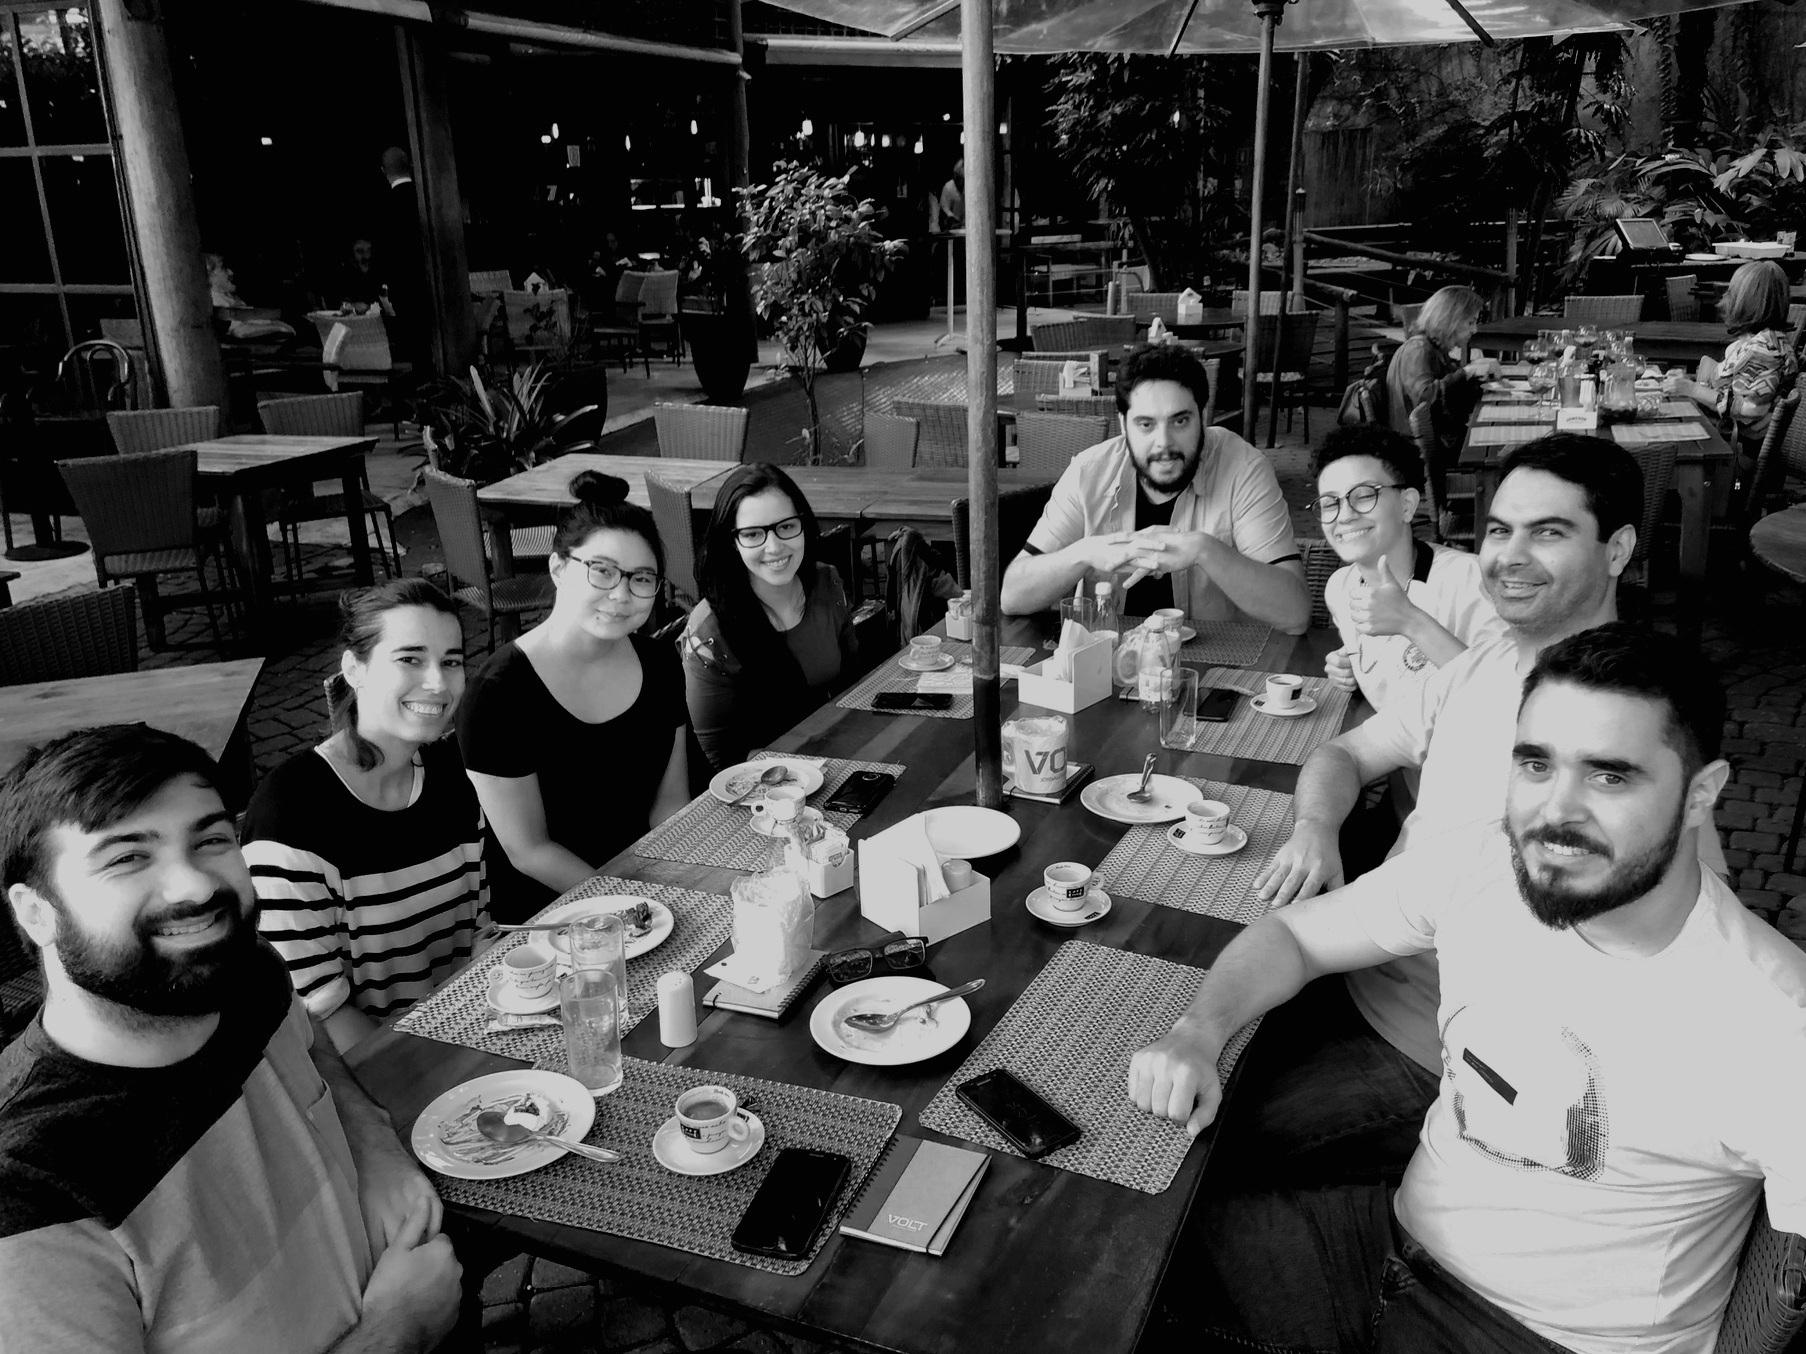 Equipe do Volt Data Lab, novembro de 2018. Crédito: Moça da mesa ao lado